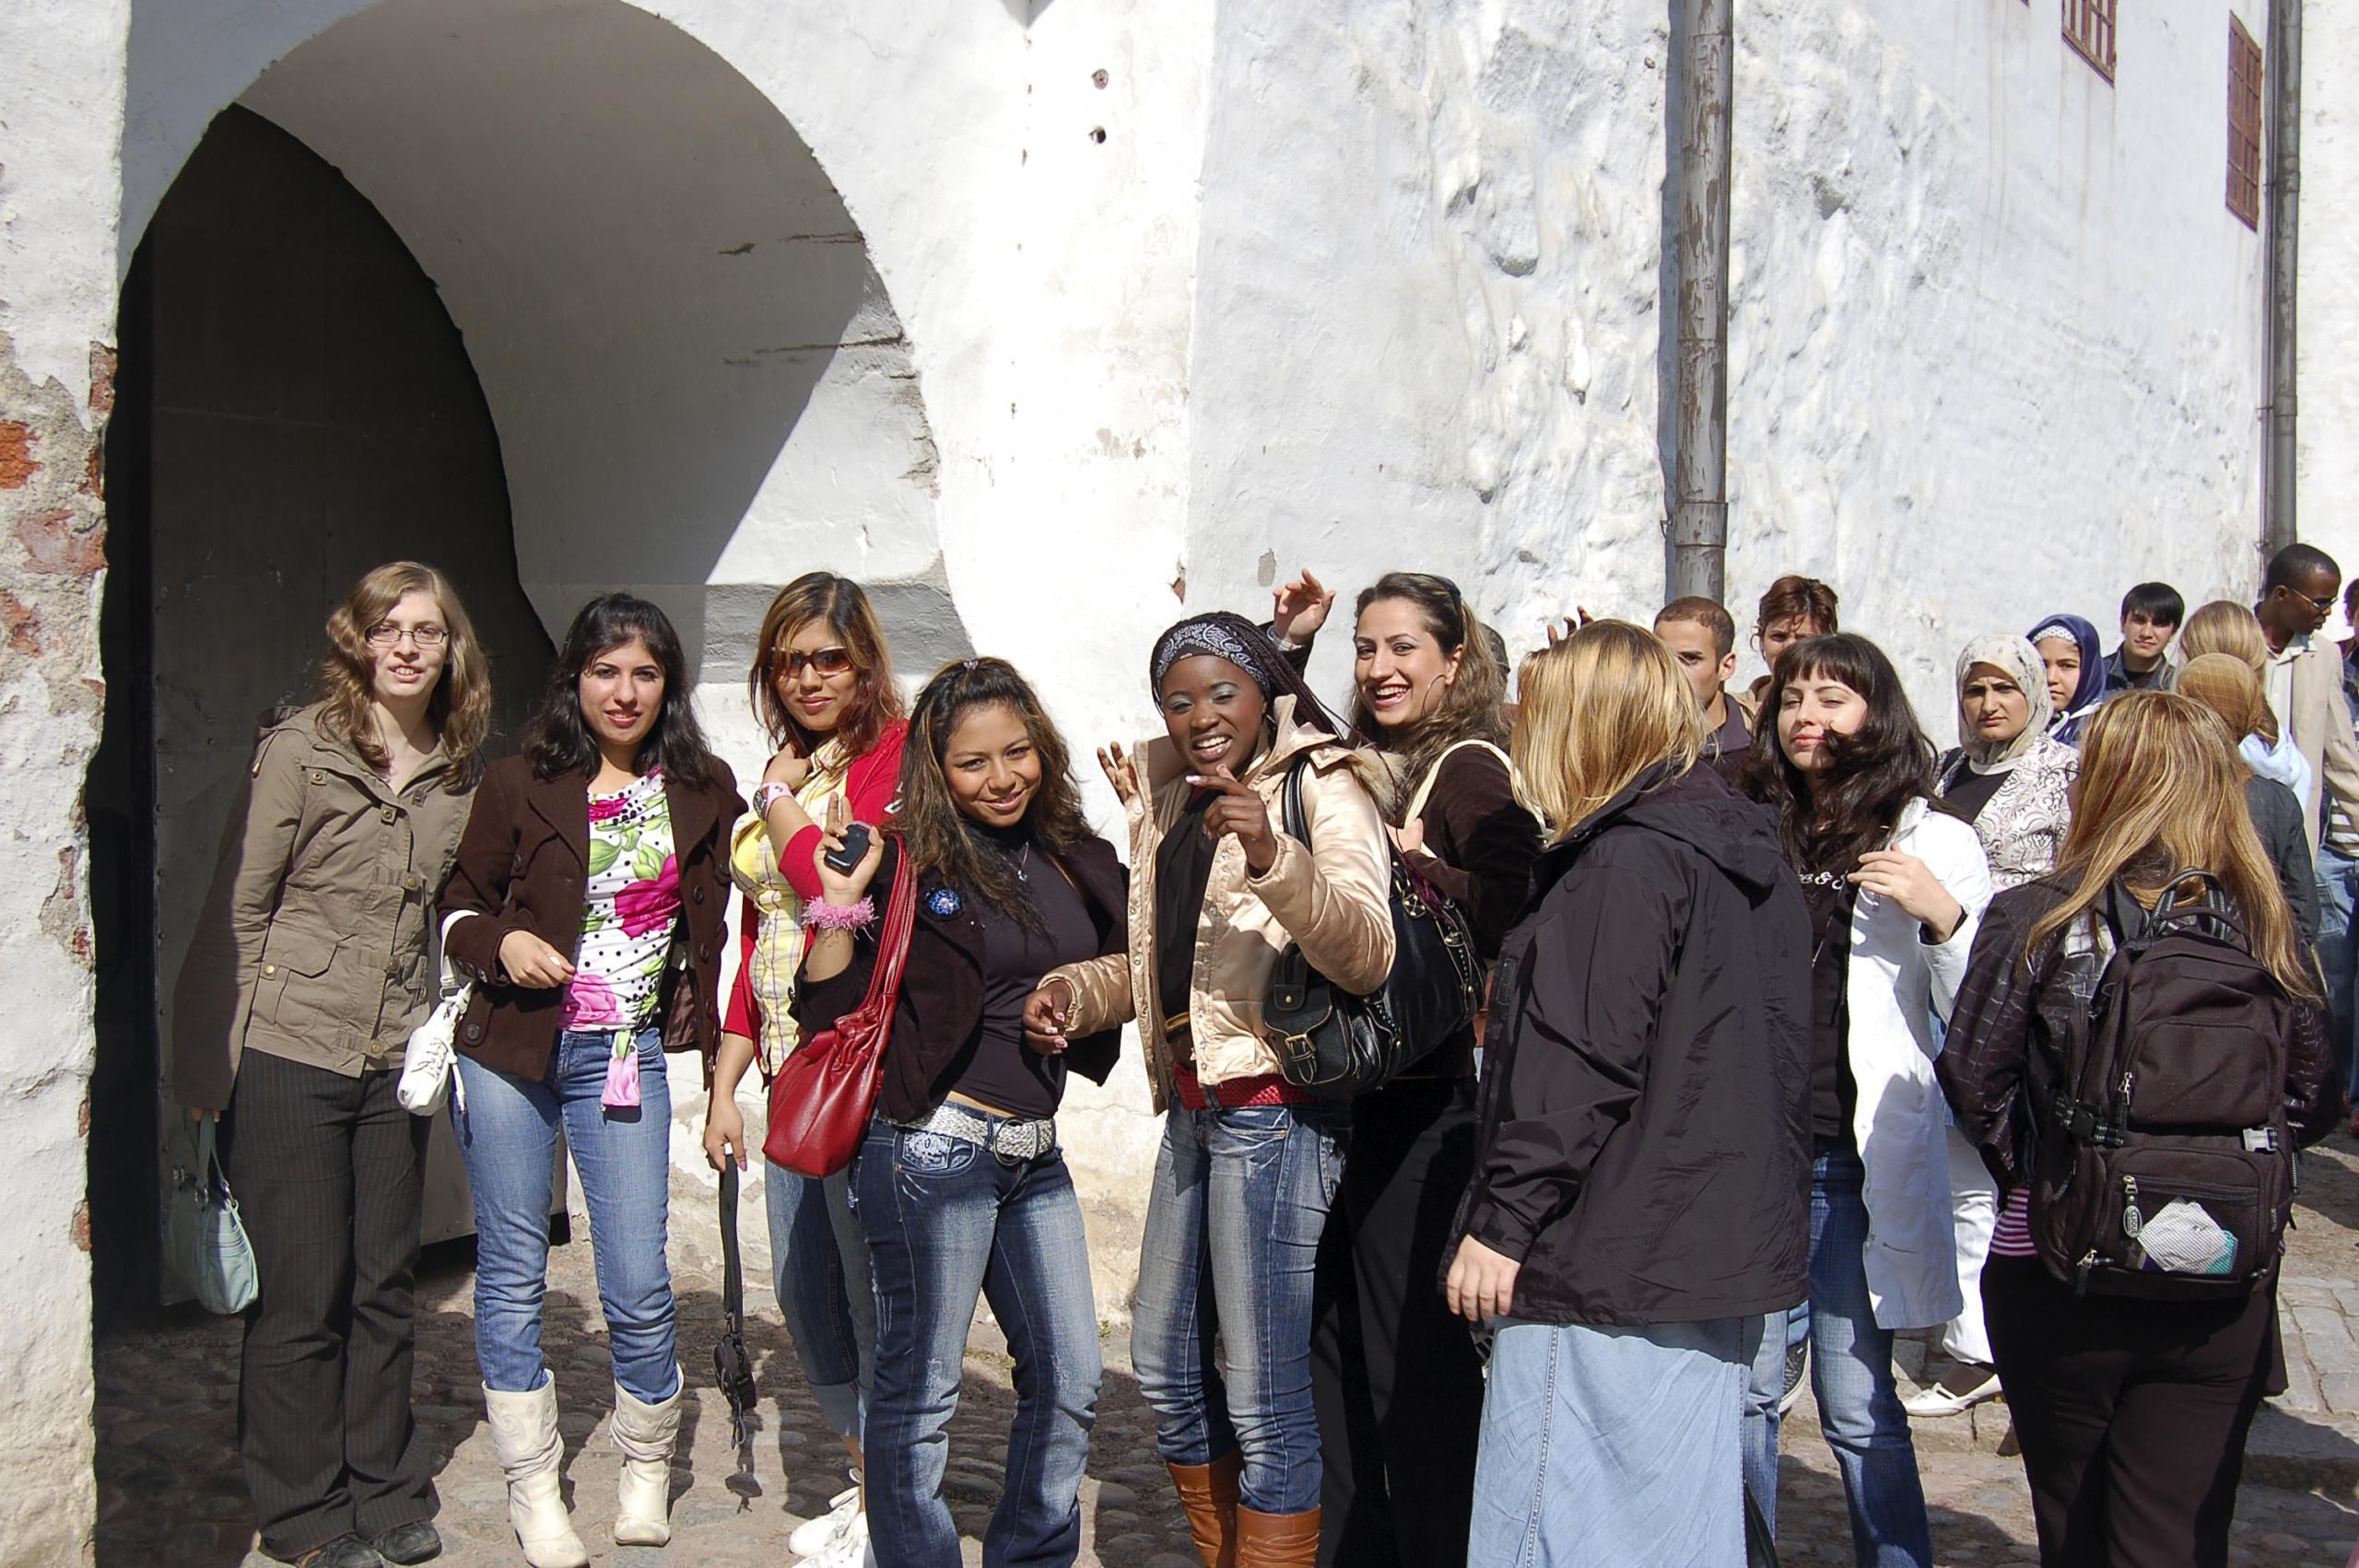 Turun linnan sisäänkäynti, jonka edessä poseeraa kansainvälinen nuorisoryhmä.